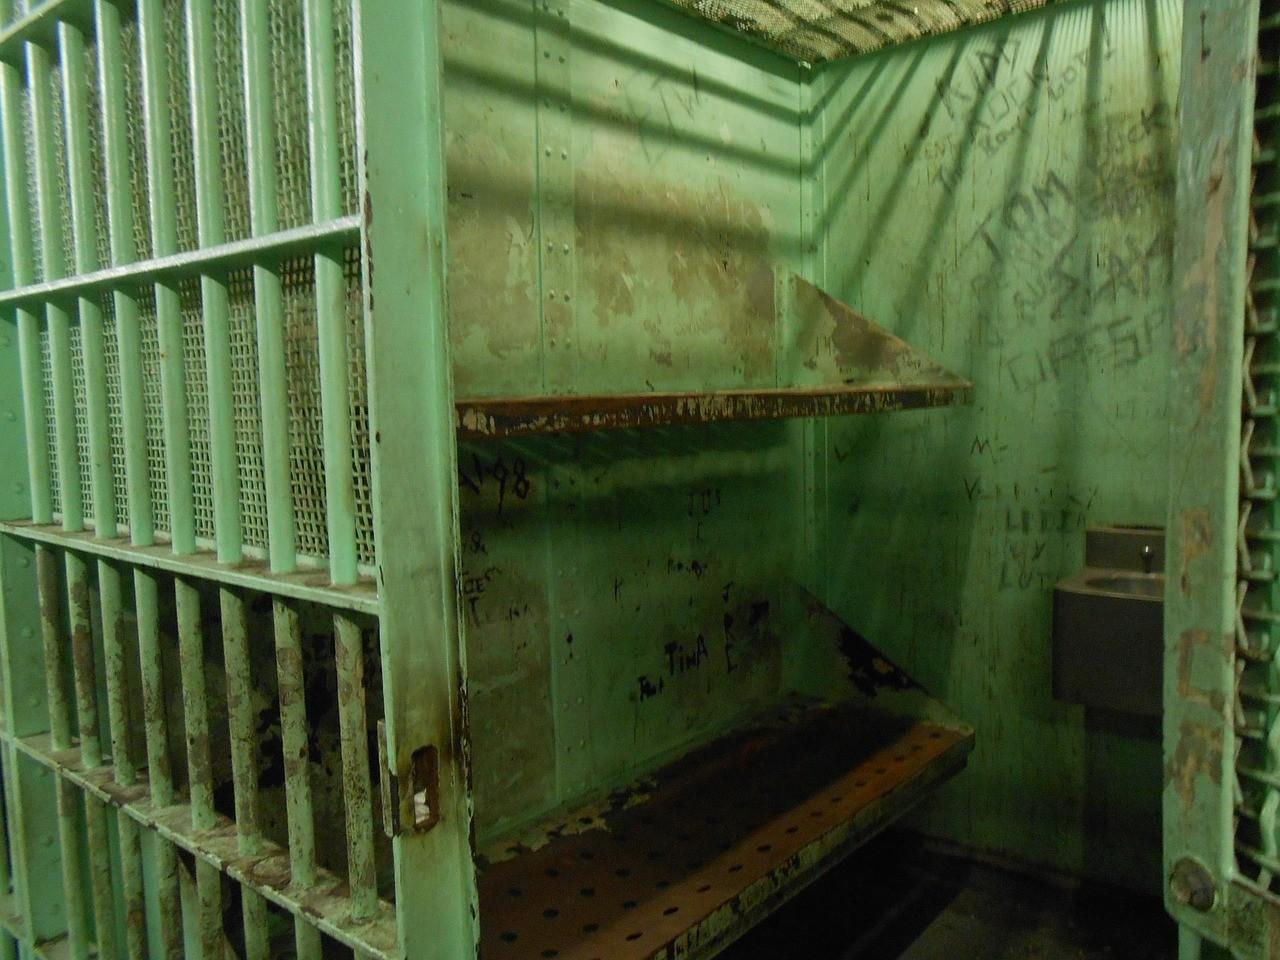 współwięźniowie sami